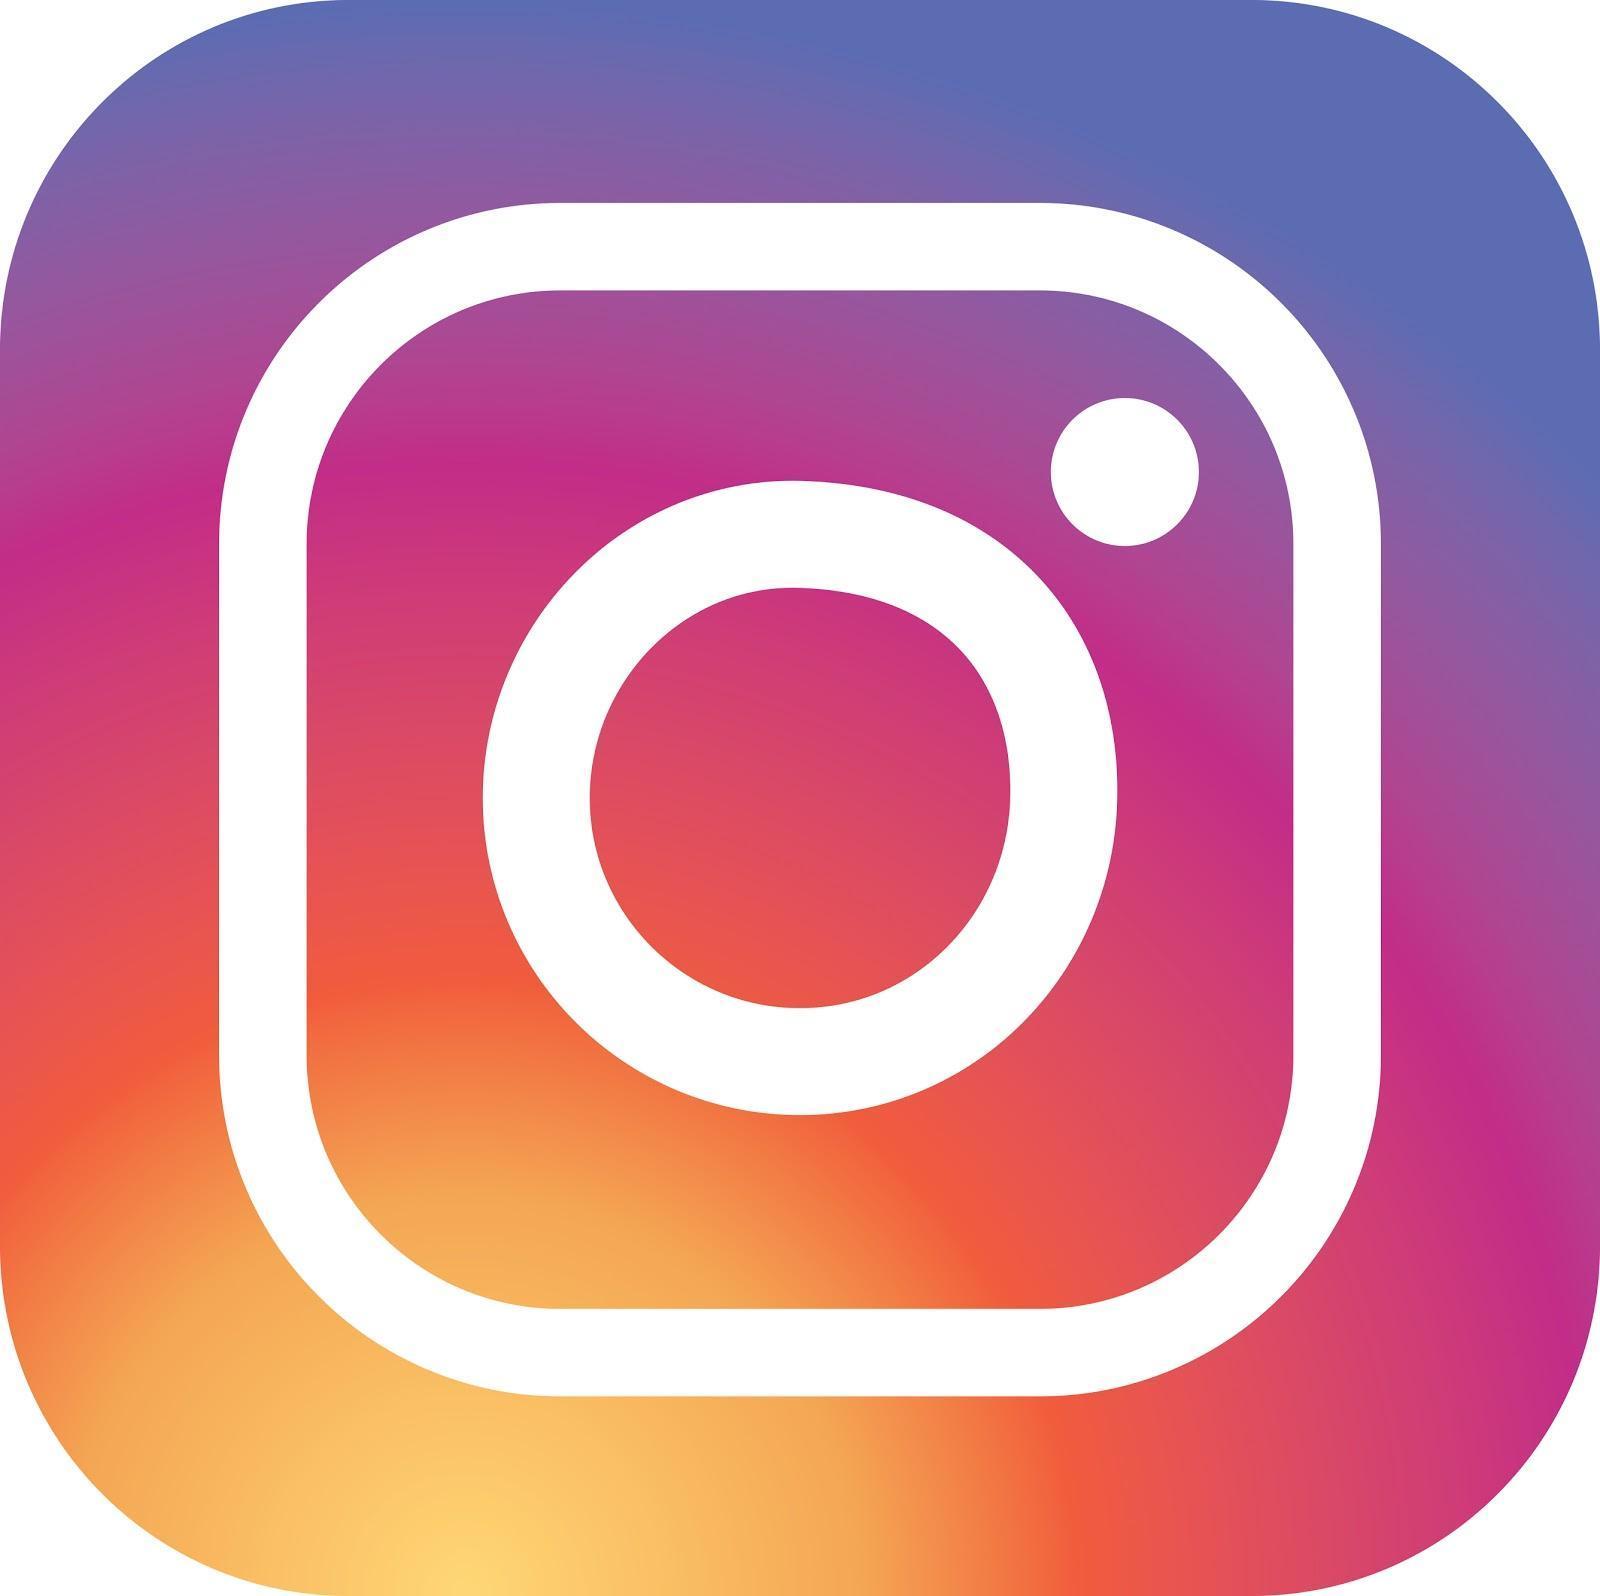 2016_instagram_logo.jpg